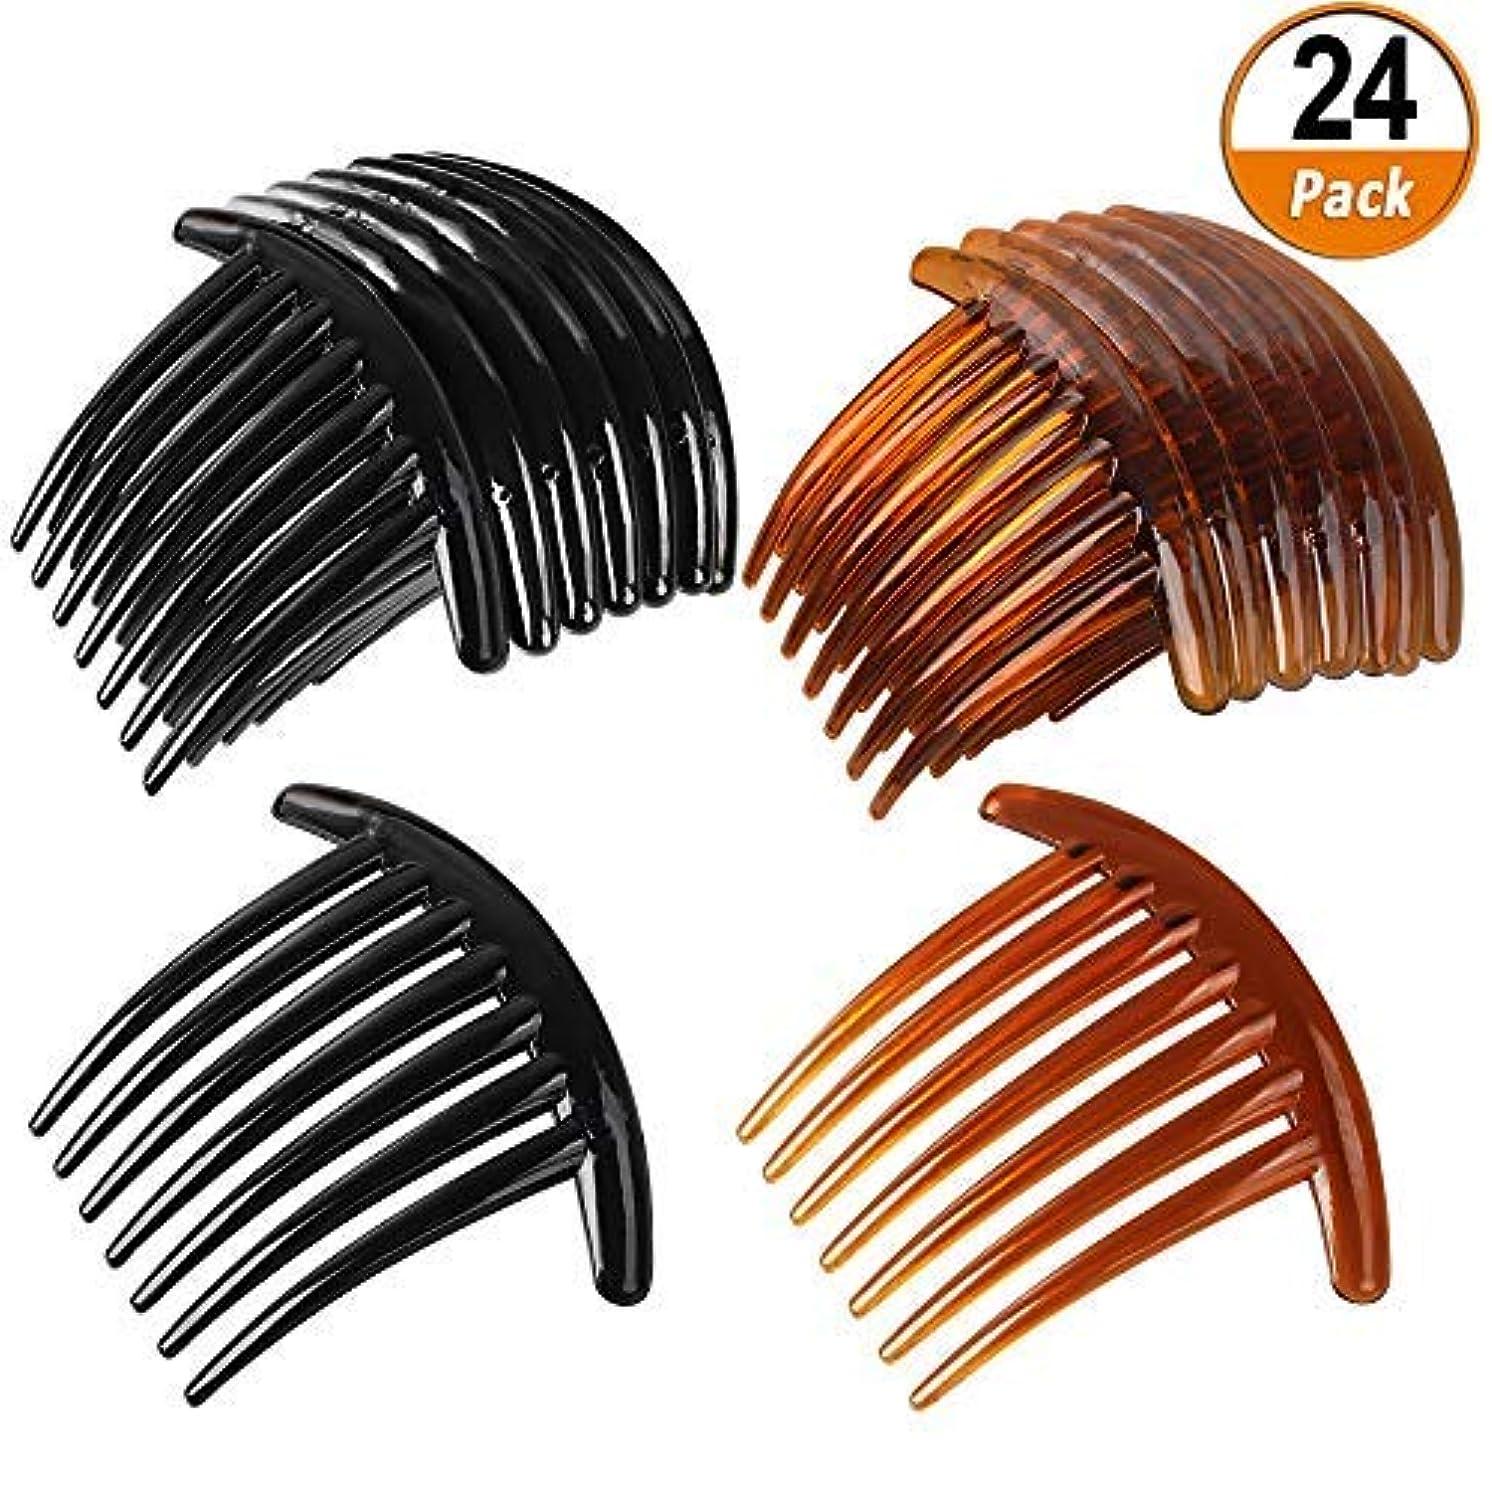 慣習注目すべき大使24 PCS 7 Tooth French Twist Comb Plastic Hair Clip Hair Side Combs Hair Accessory for Women Girls (Black and Brown...